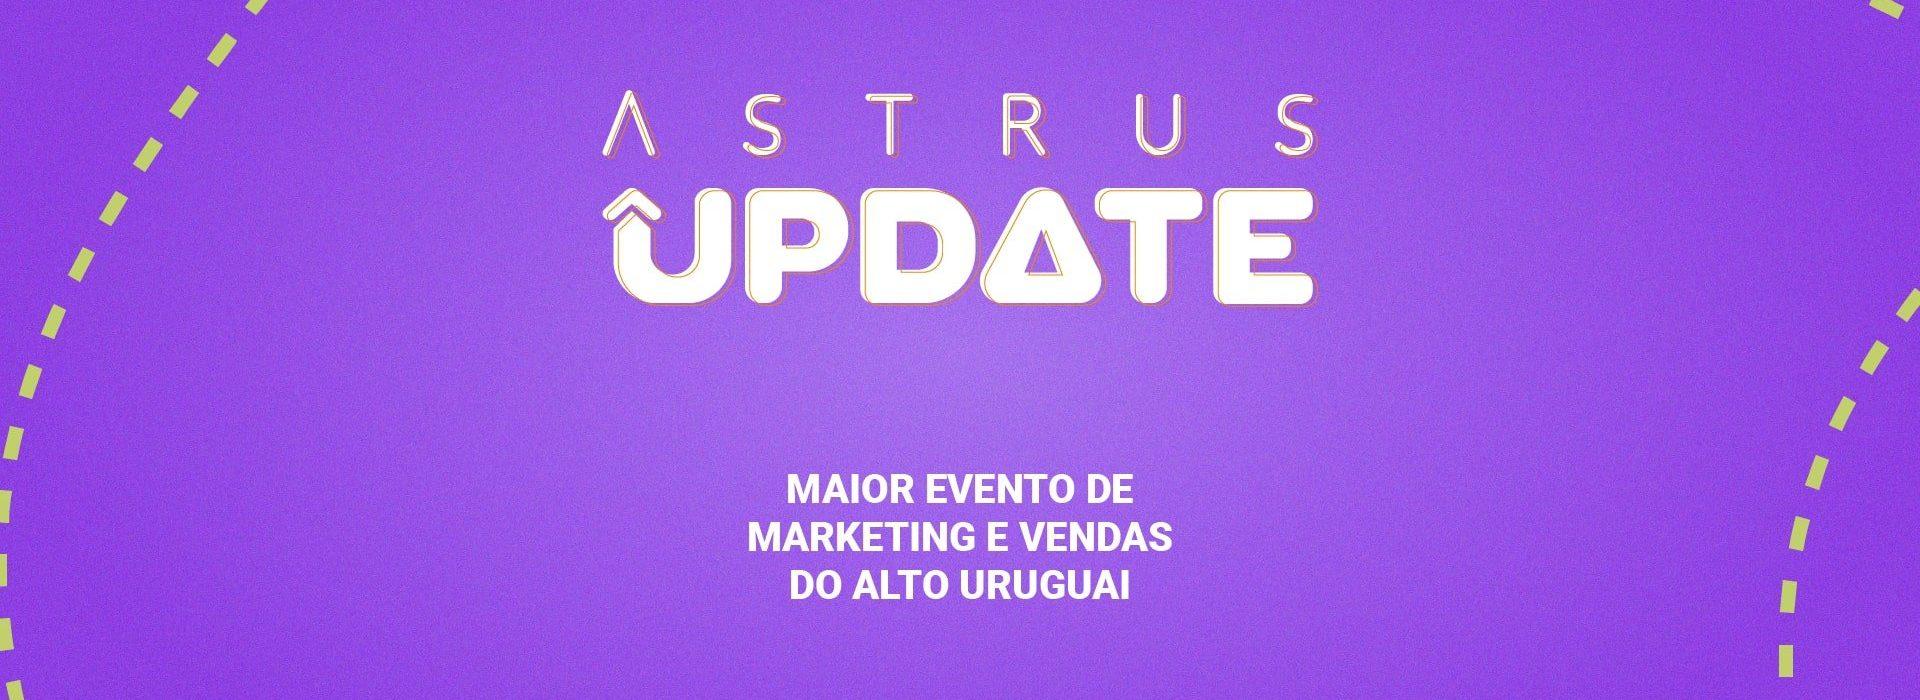 Astrus Update 2019